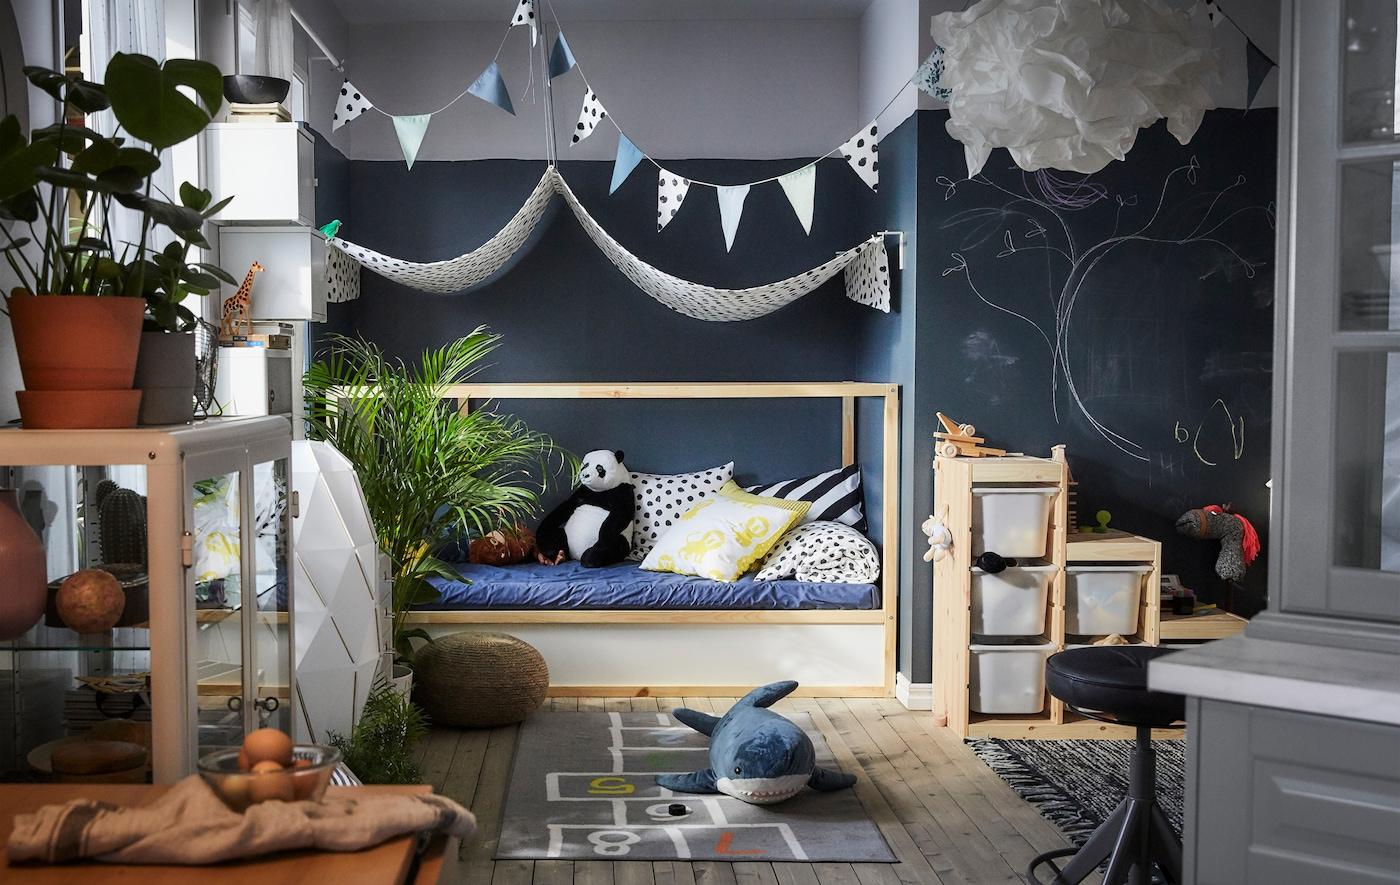 玩乐区内,放着毛绒玩具、带图案地毯和储物盒,坐卧两用床上方挂着布艺凉篷。